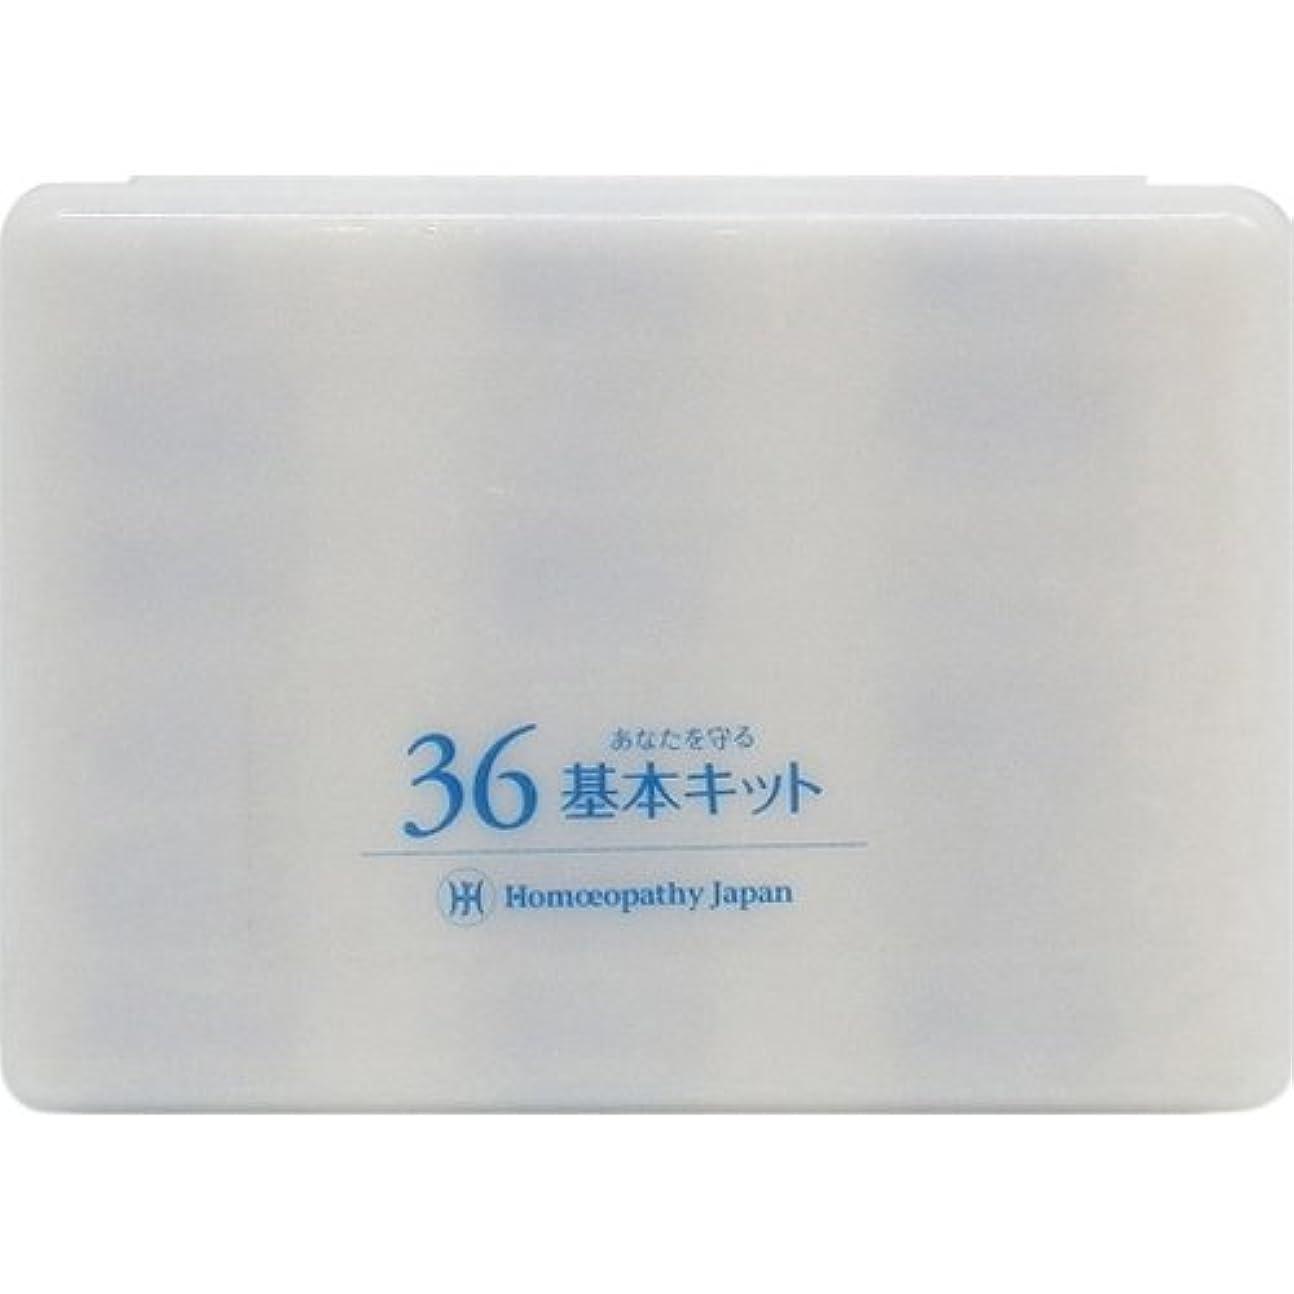 囲む崖メンタルホメオパシージャパンレメディー 新36基本キット